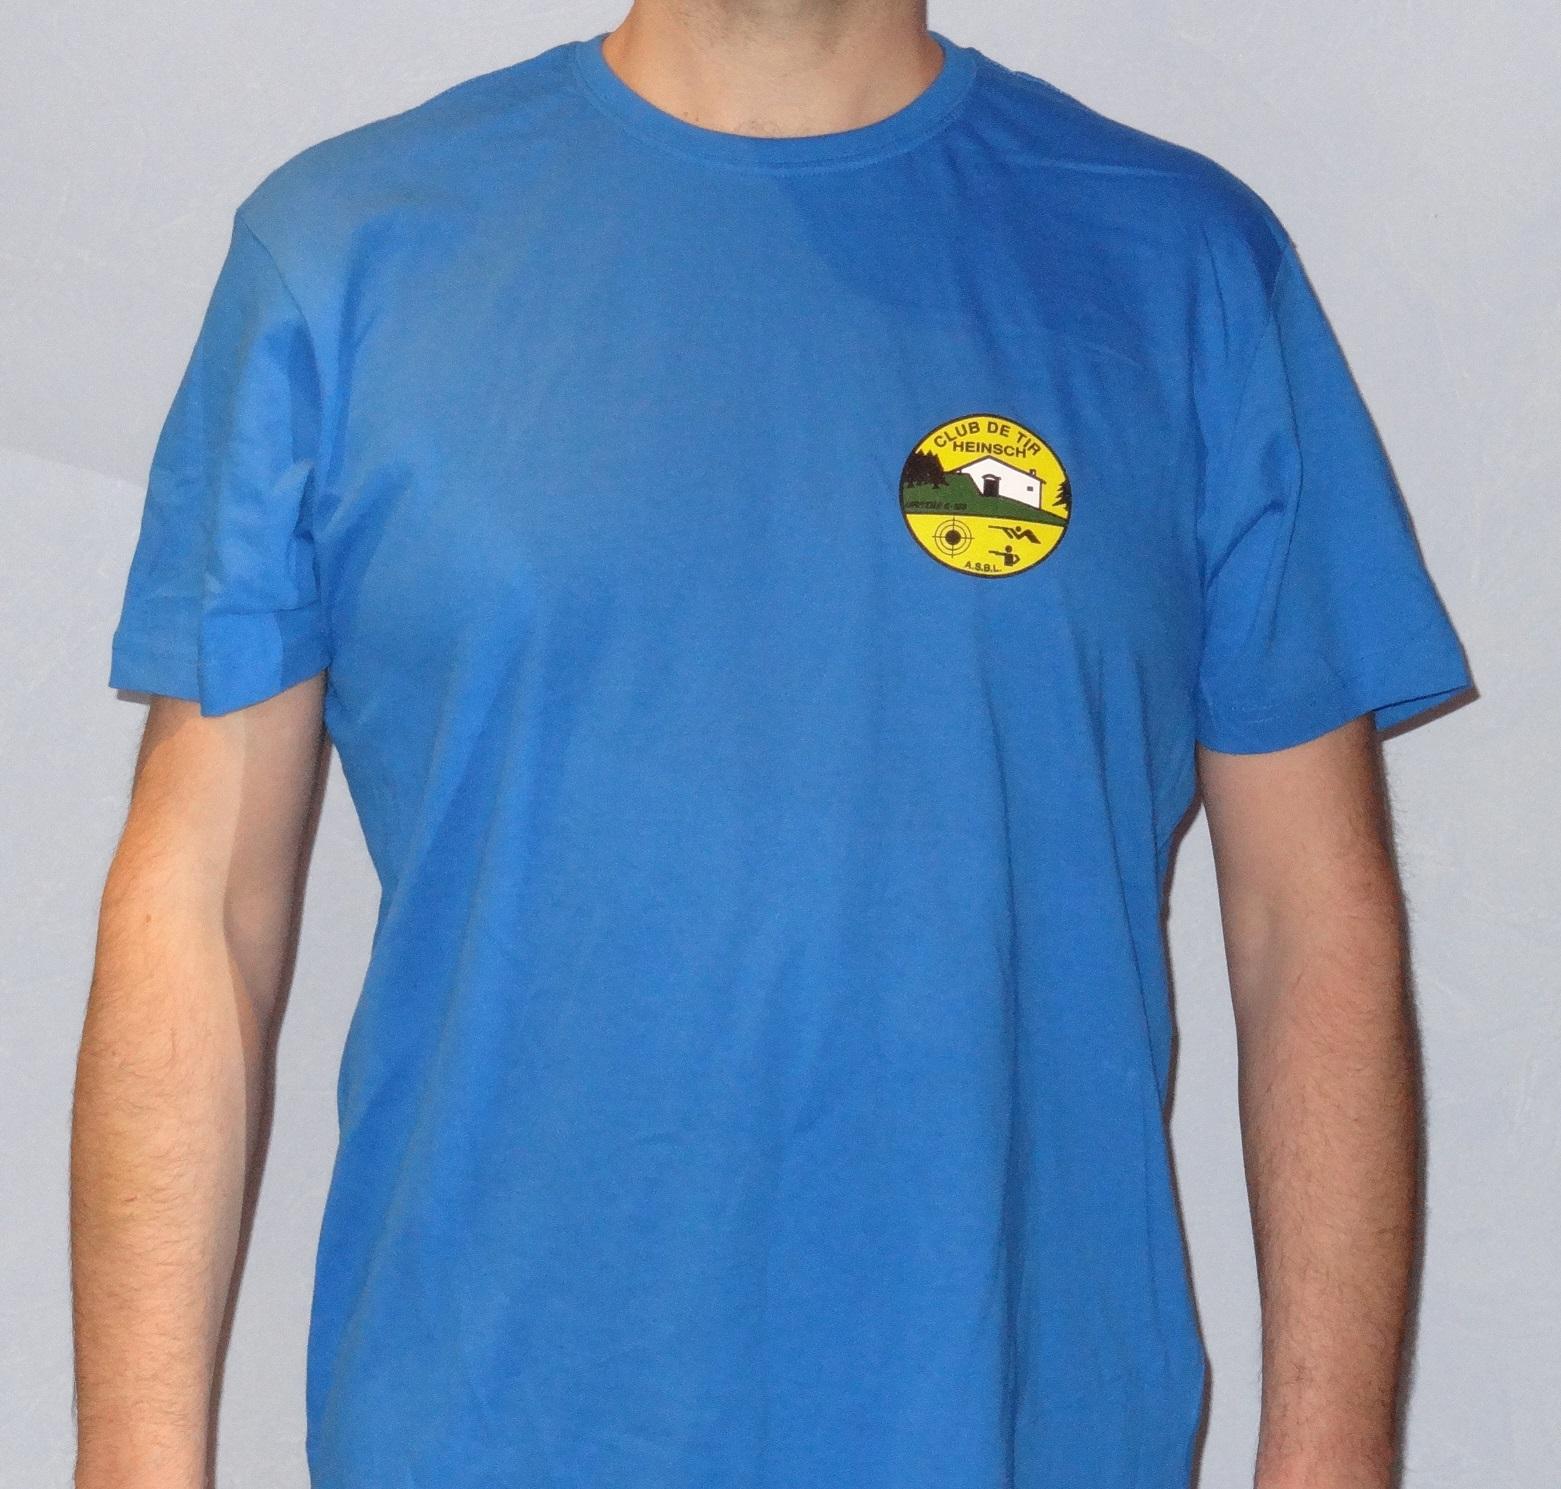 Tshirt CTH - Prix: 20 Eur